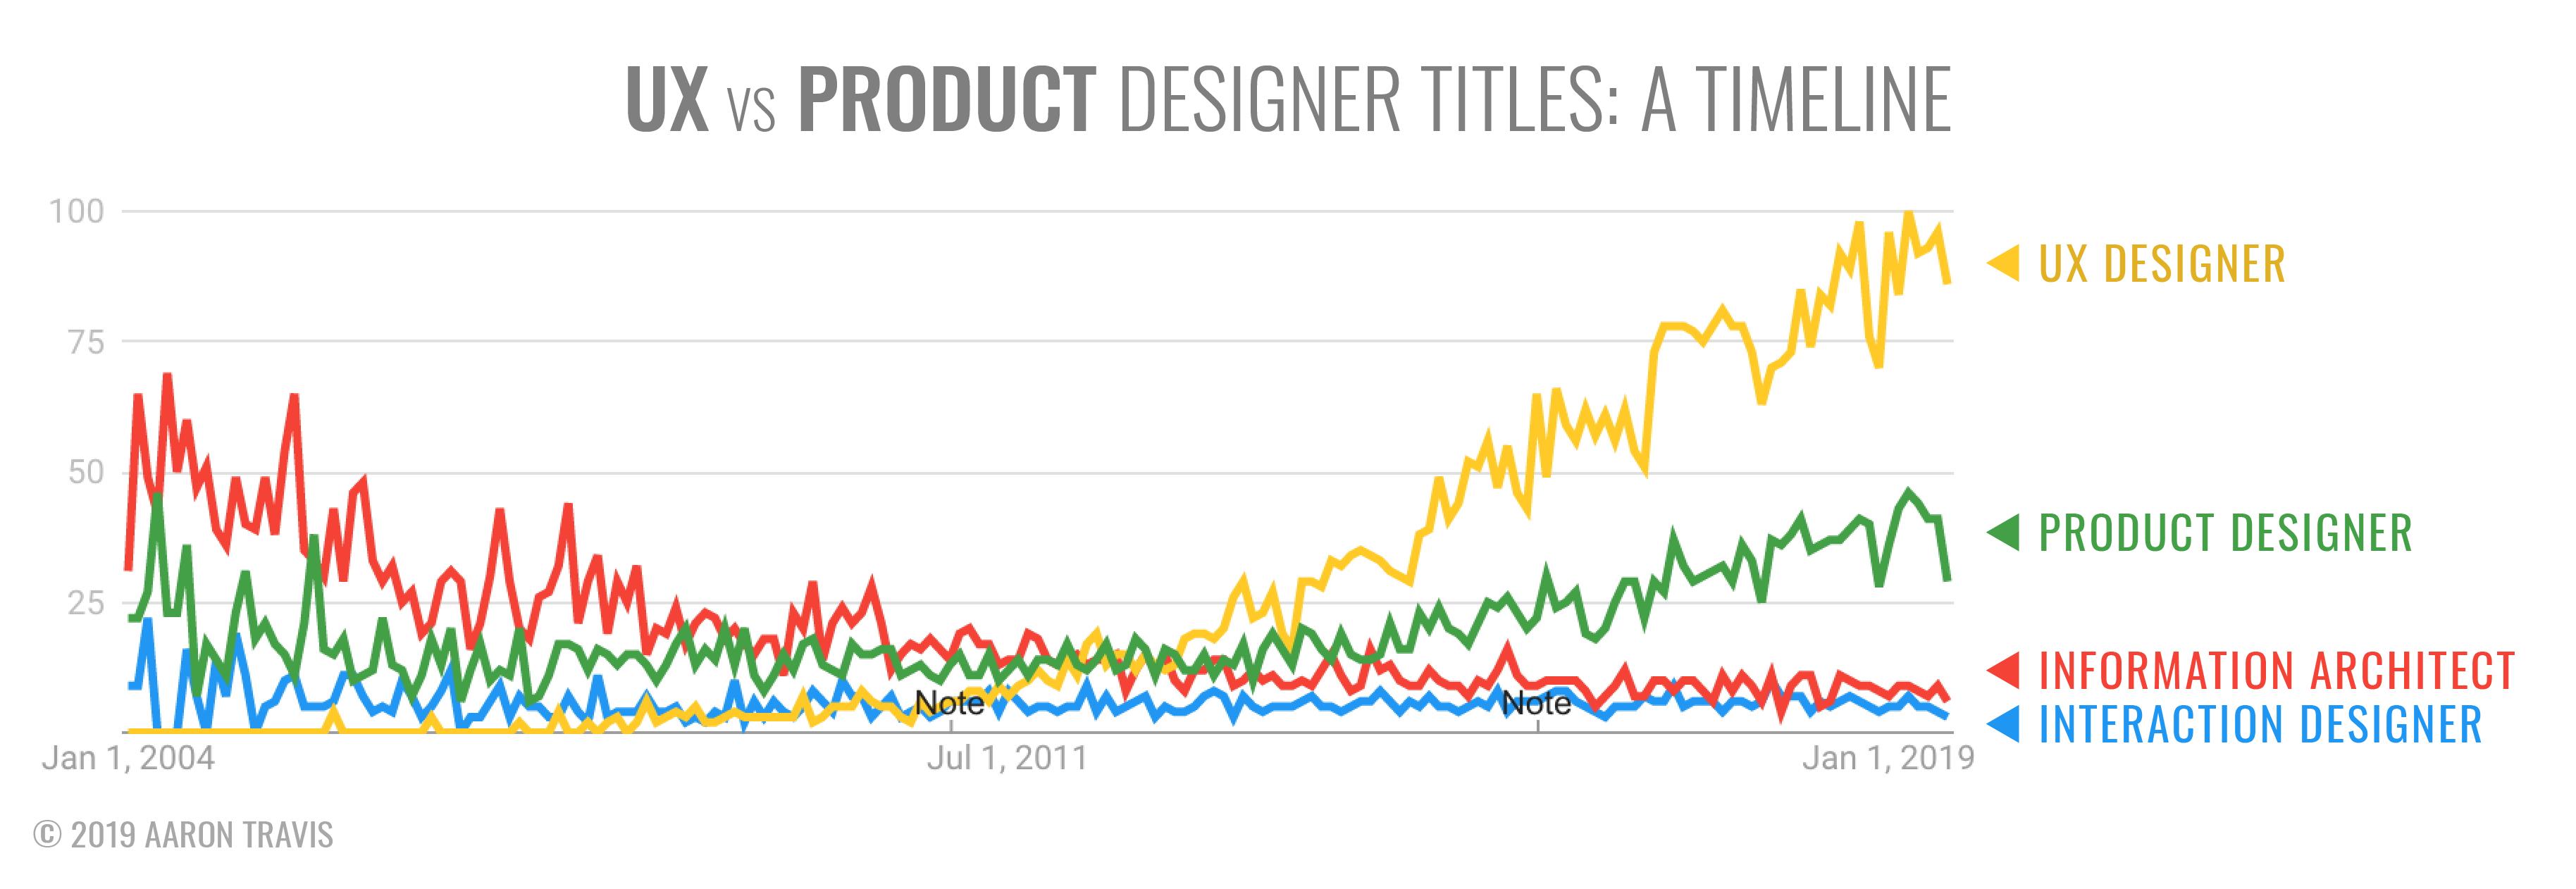 彻底搞懂UX设计师和产品设计师的差别,看这篇文章就够了